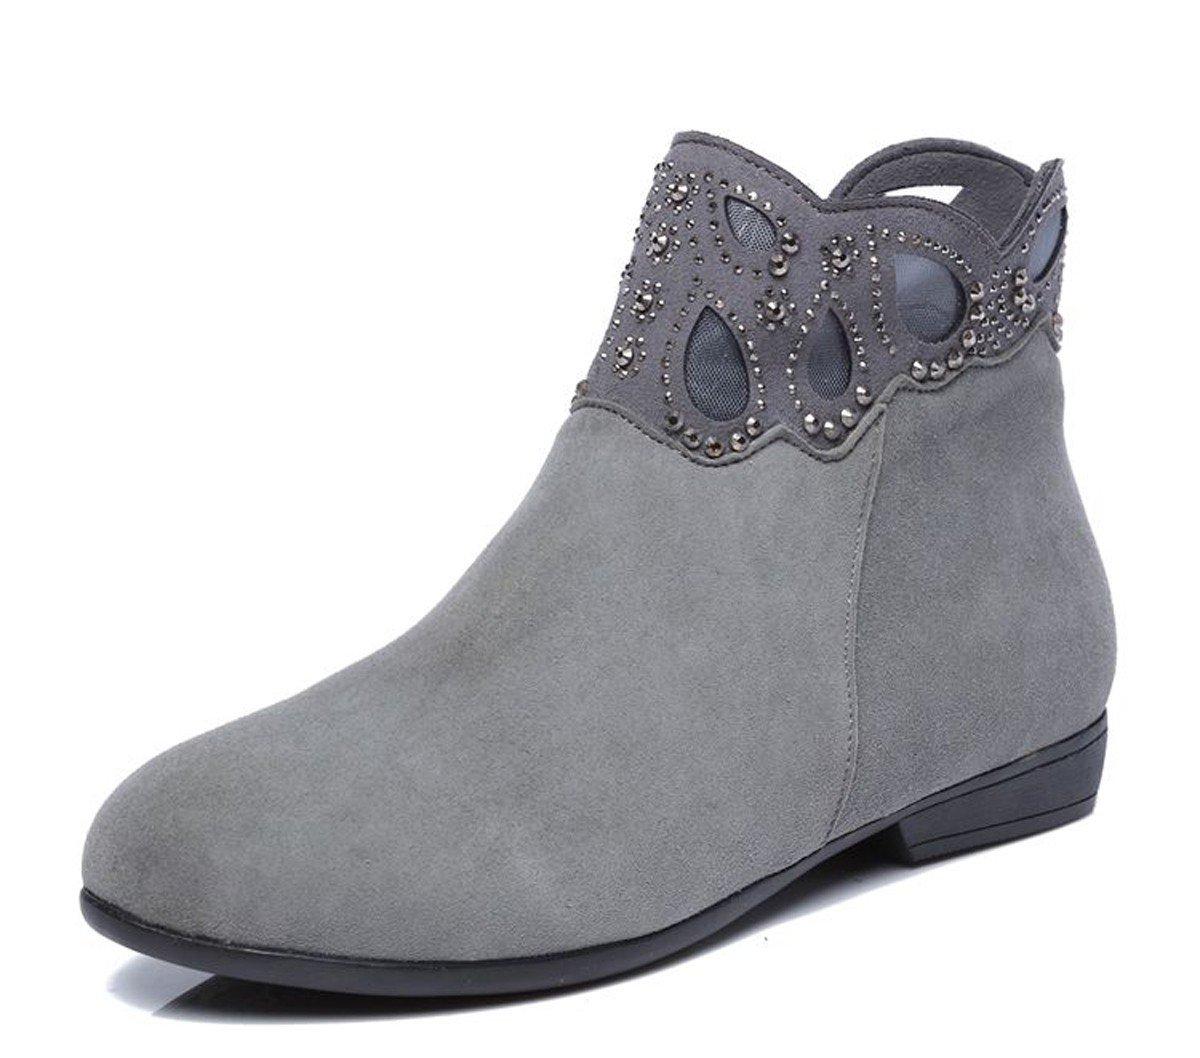 GTVERNH Damenschuhe Frühjahr und Herbst Stiefel Boden Boden Boden Haut Kurze Stiefel Flachen Boden Martin Schuhe Stiefel. f59b95